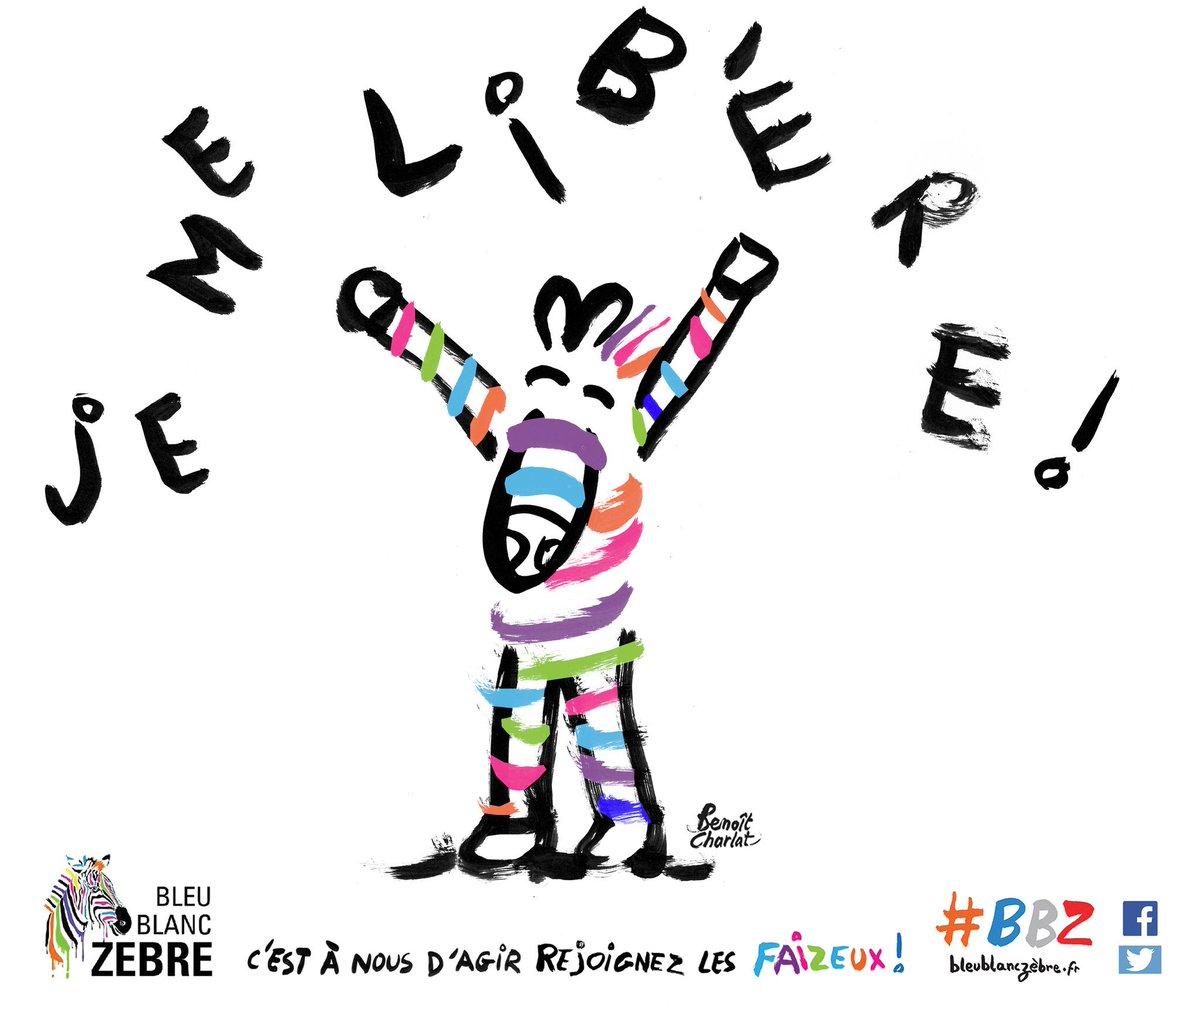 Adrien gutierrez gutierrezadrien twitter for Alexandre jardin zebre